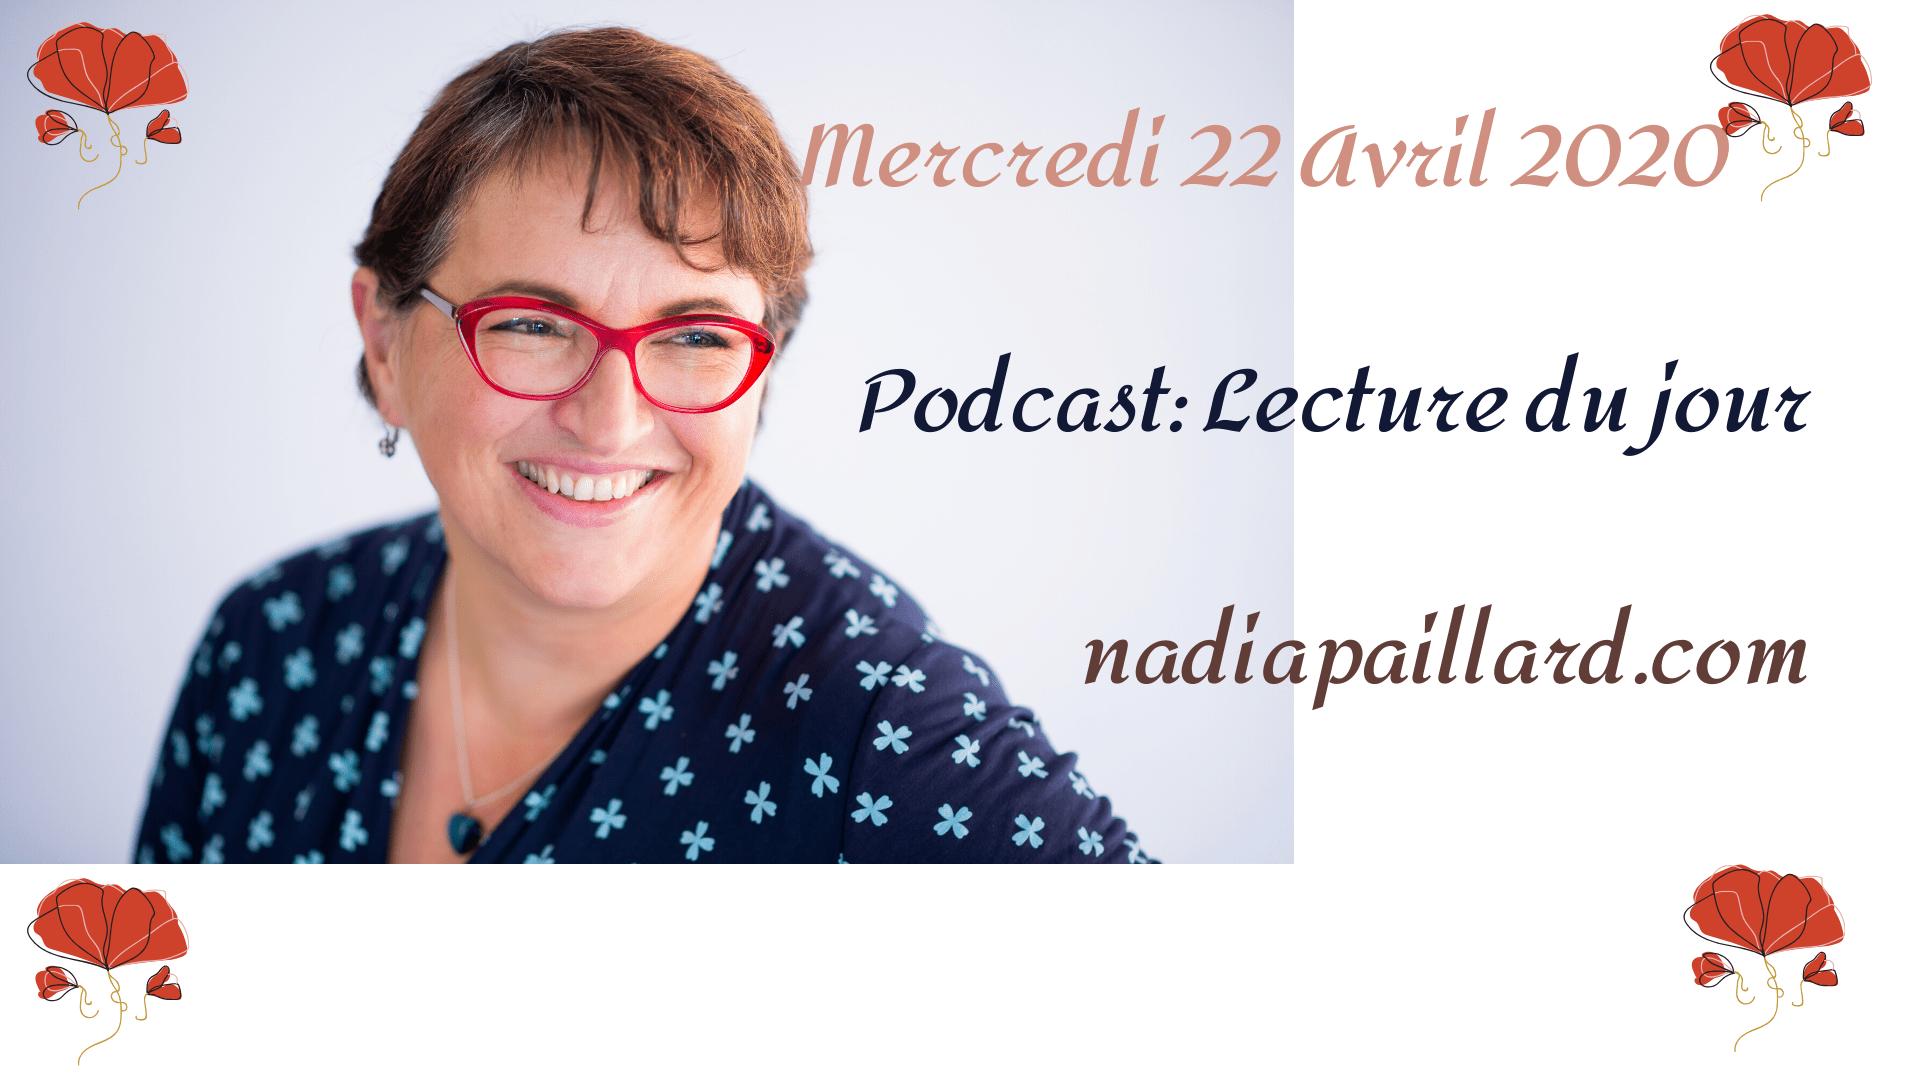 Podcast-Vidéo,Lecture du jour,Mercredi 22 Avril 2020, by Nadia PAILLARD Coach, fêtes à souhaiter, lecture de 2 extraits de livre